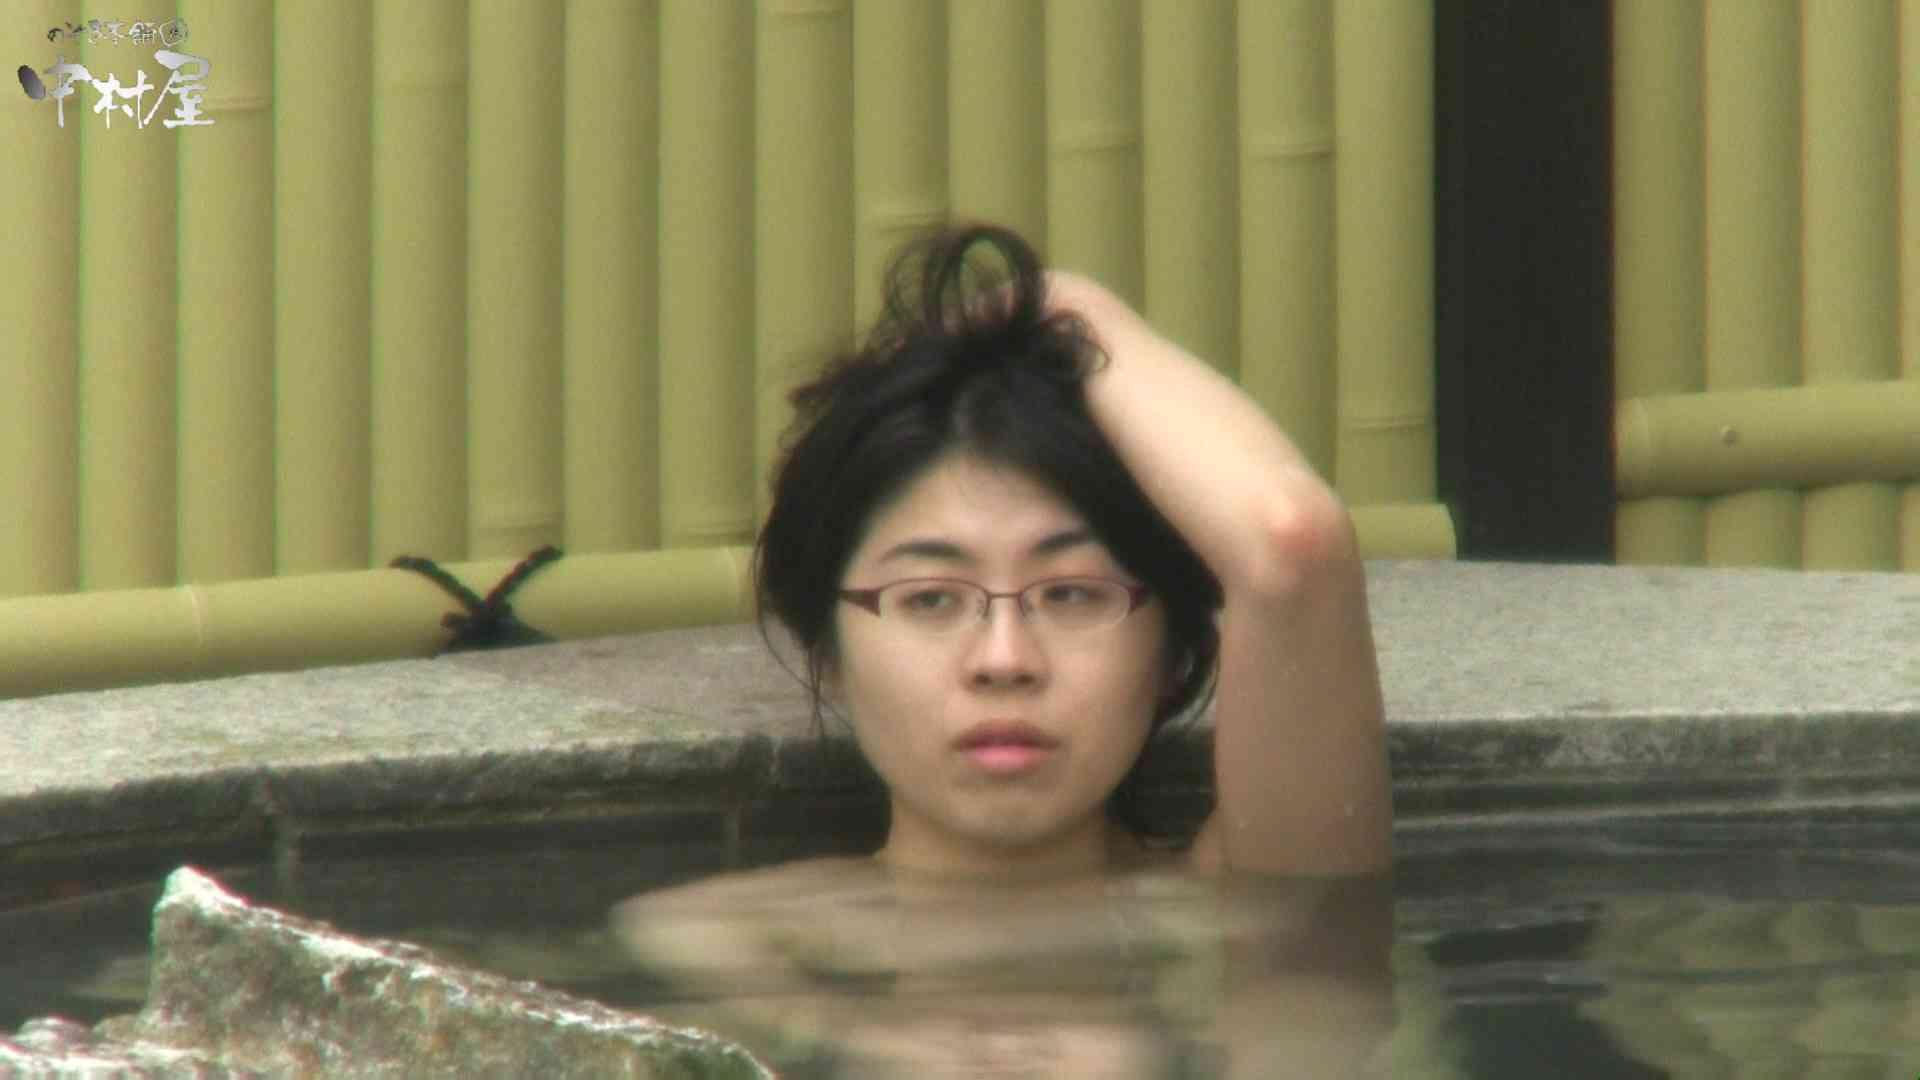 Aquaな露天風呂Vol.947 露天   盗撮  111枚 43